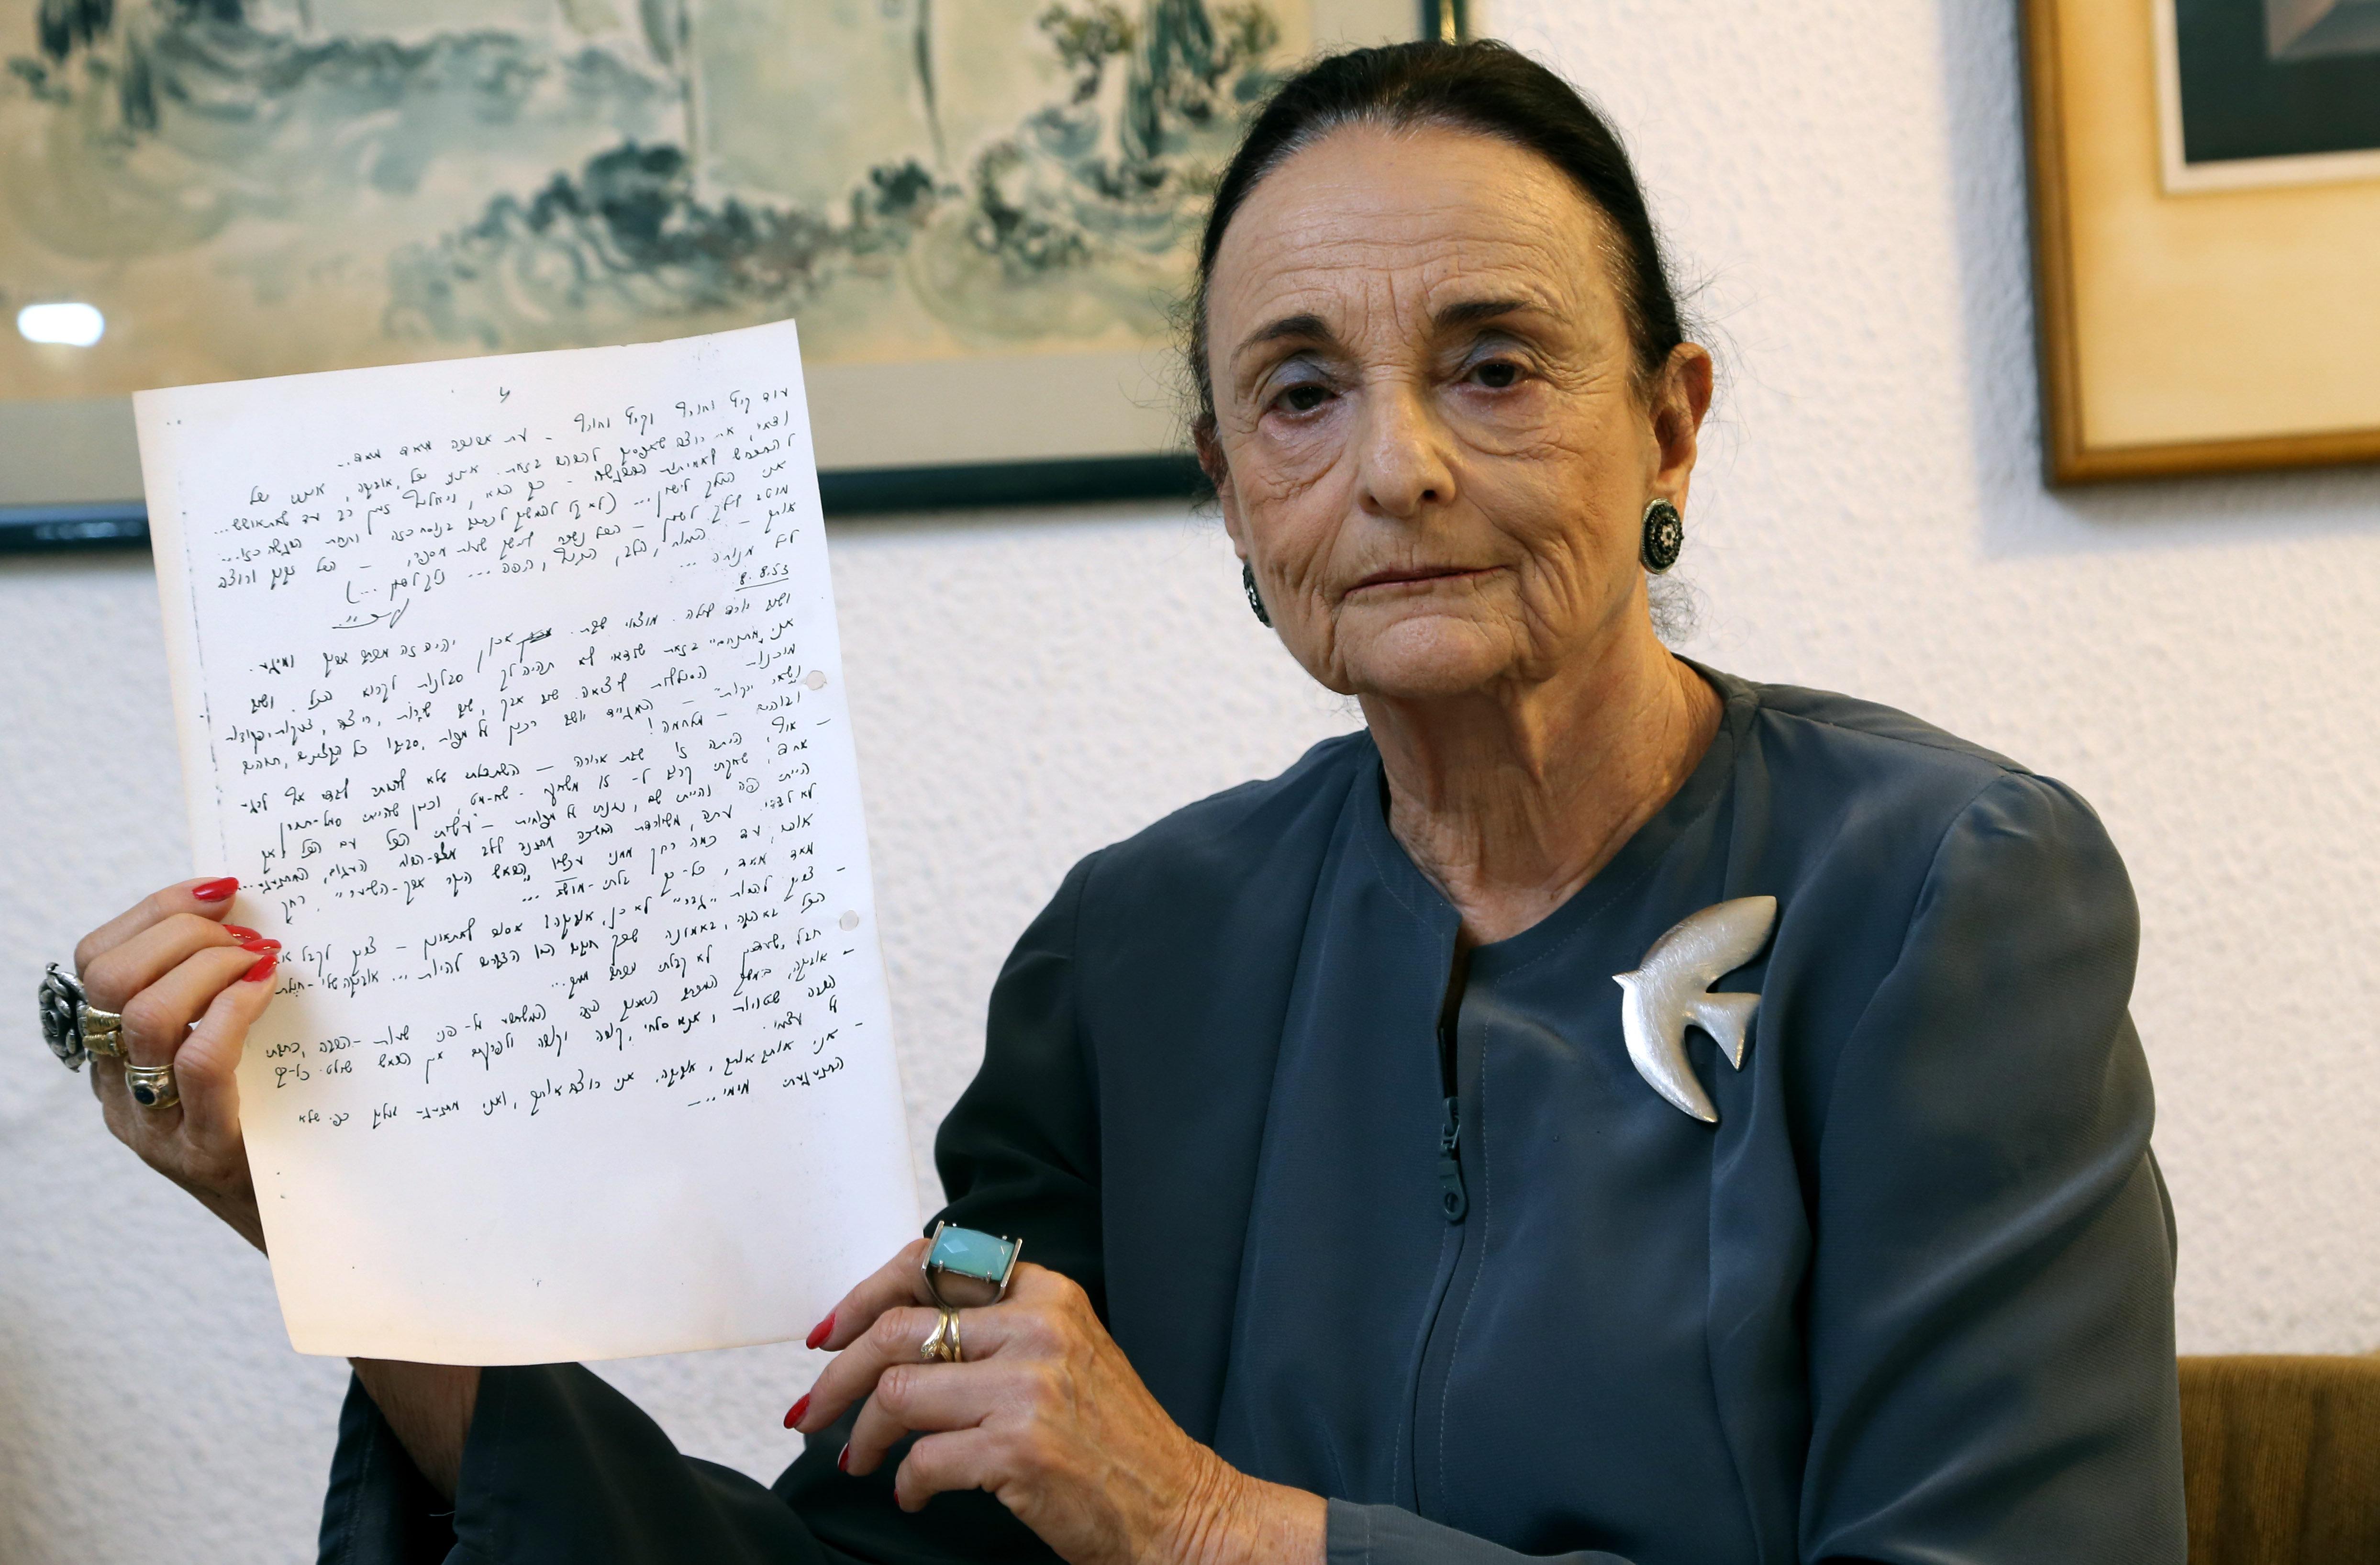 אהובה עם מכתביו של עירא שר ז